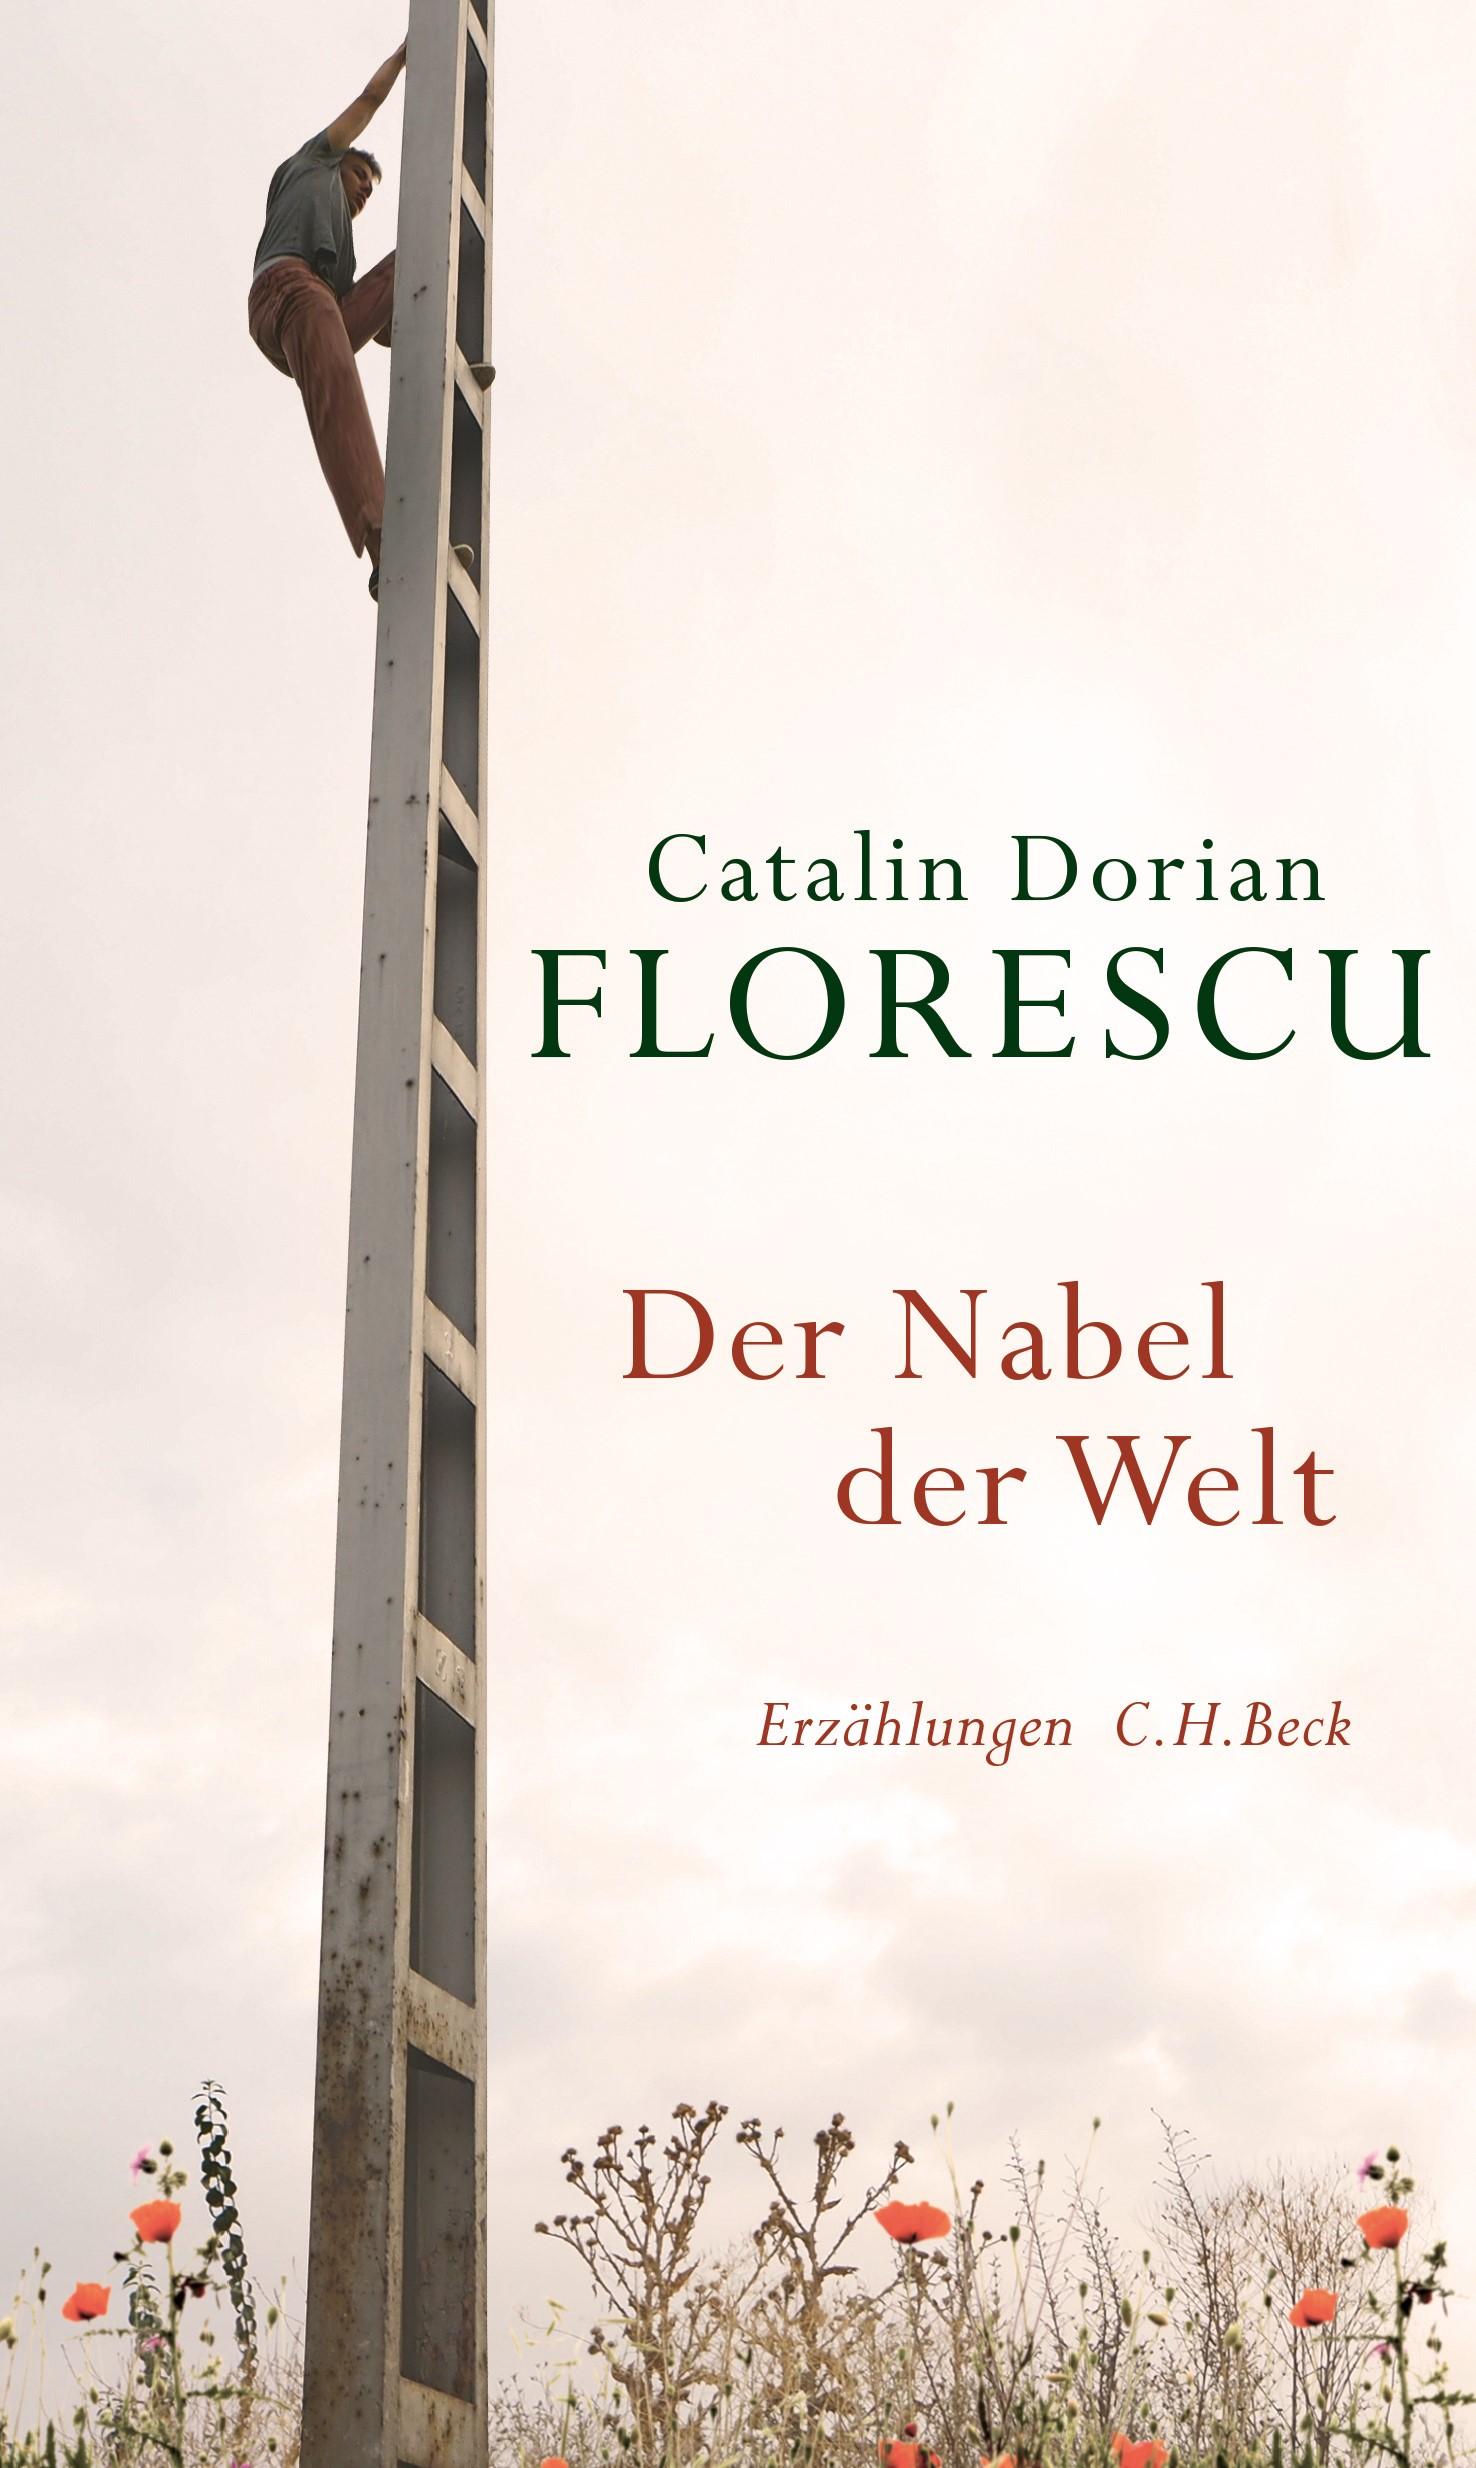 Der Nabel der Welt | Florescu, Catalin Dorian, 2017 | Buch (Cover)